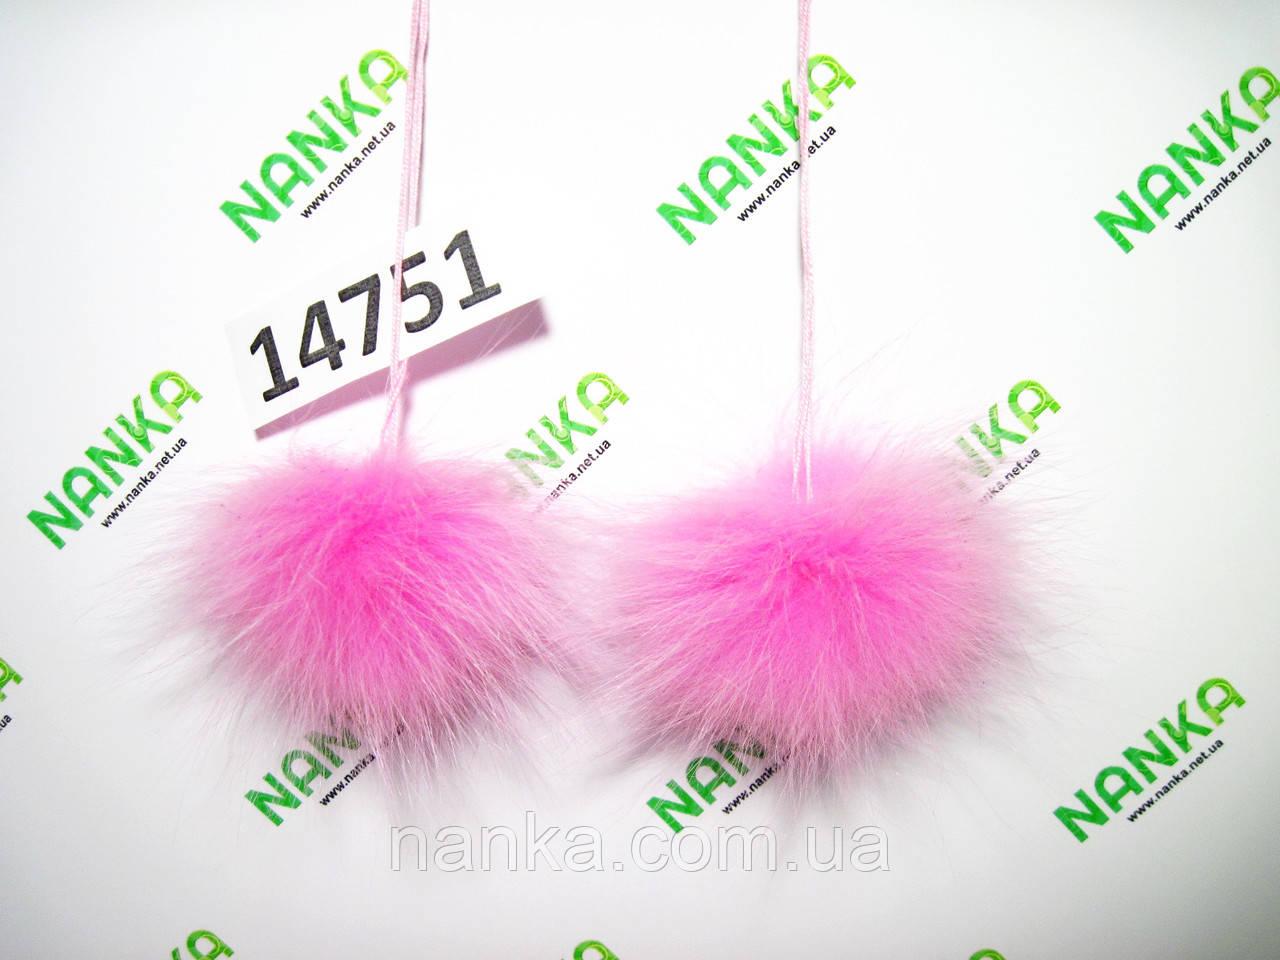 Меховой помпон Песец, Розовый, 6 см, пара 14751